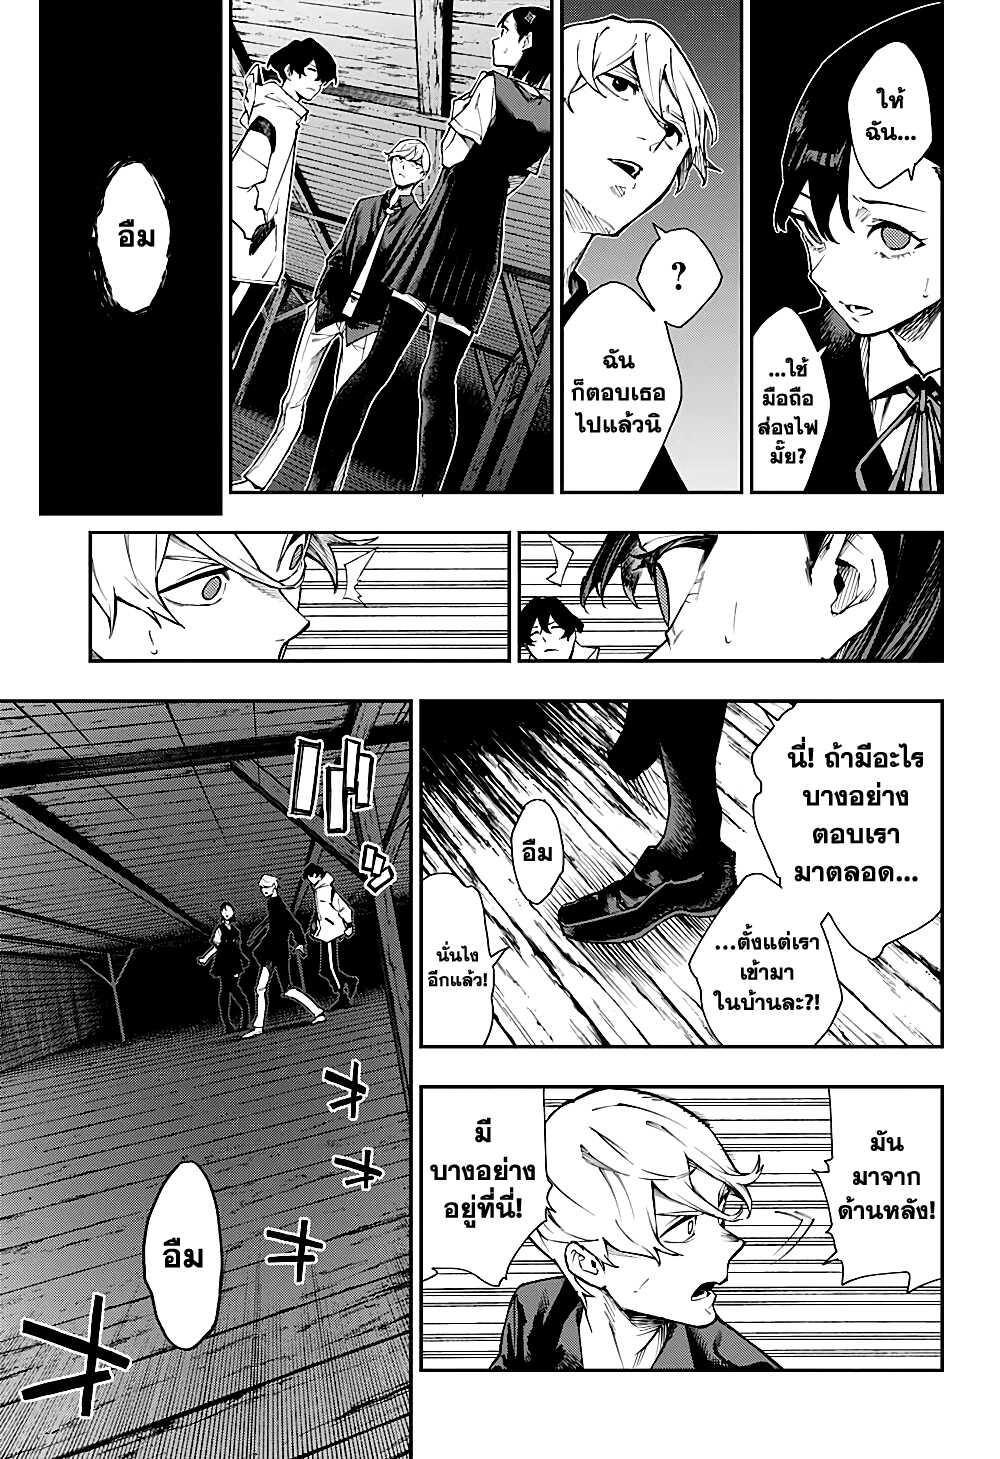 อ่านการ์ตูน Phantom Seer ตอนที่ 3 หน้าที่ 11